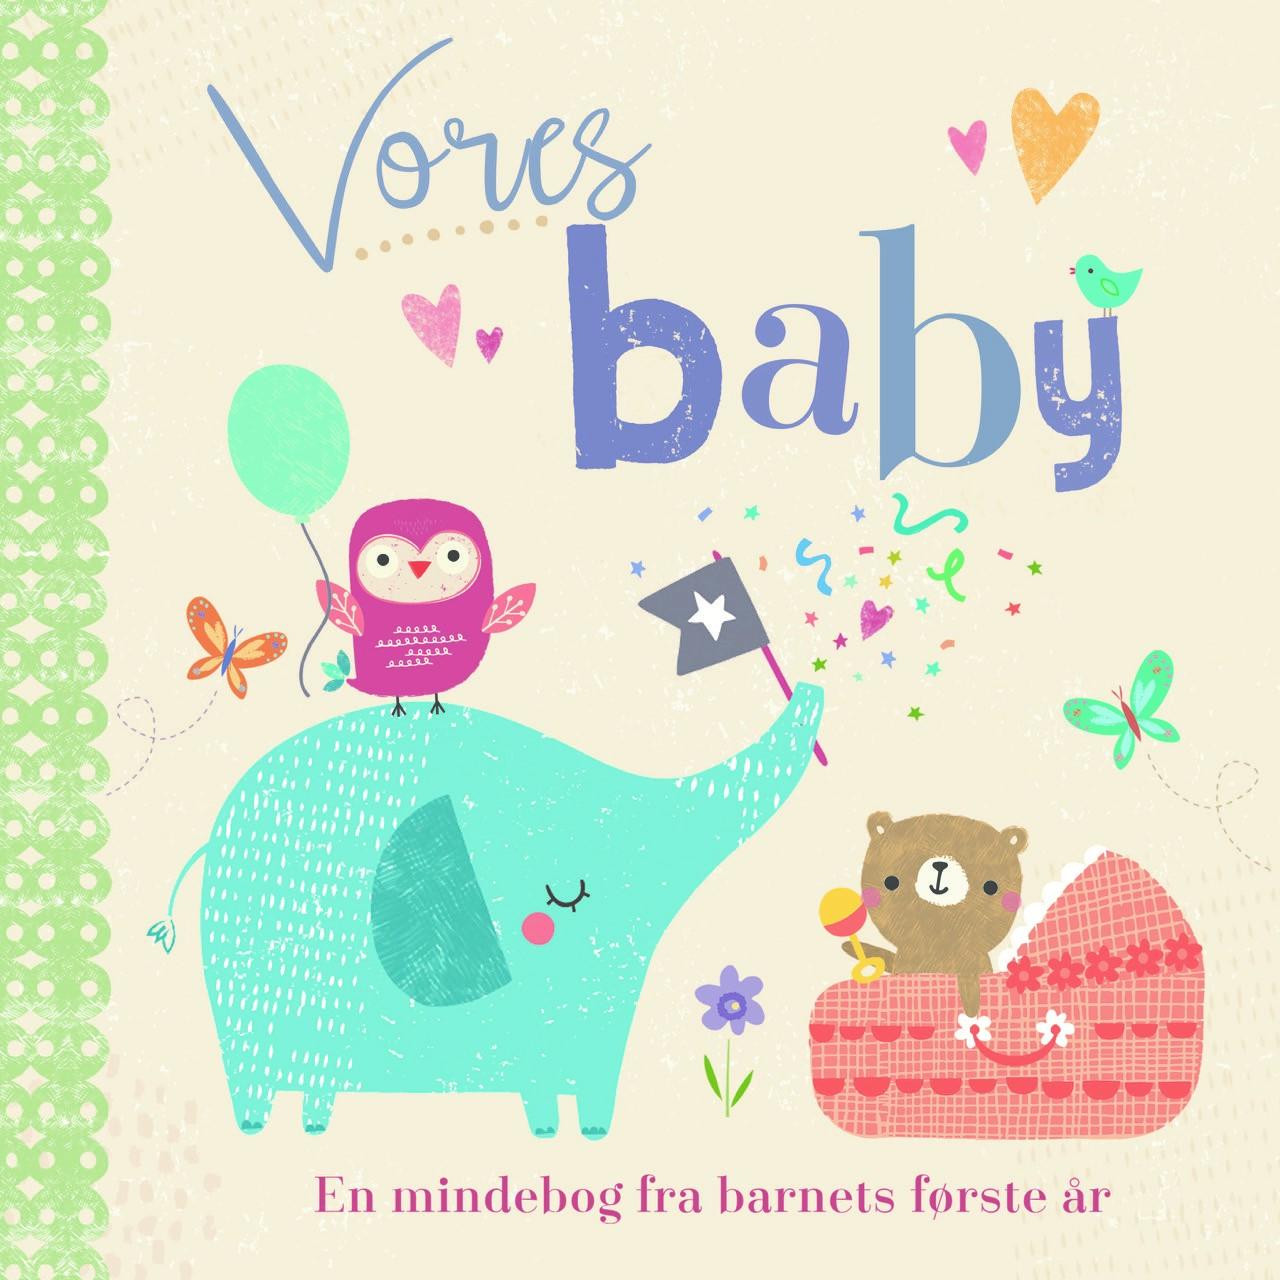 Vores baby, mindebog, mindebøger, barnets første år, barnets første bog, babys første bog